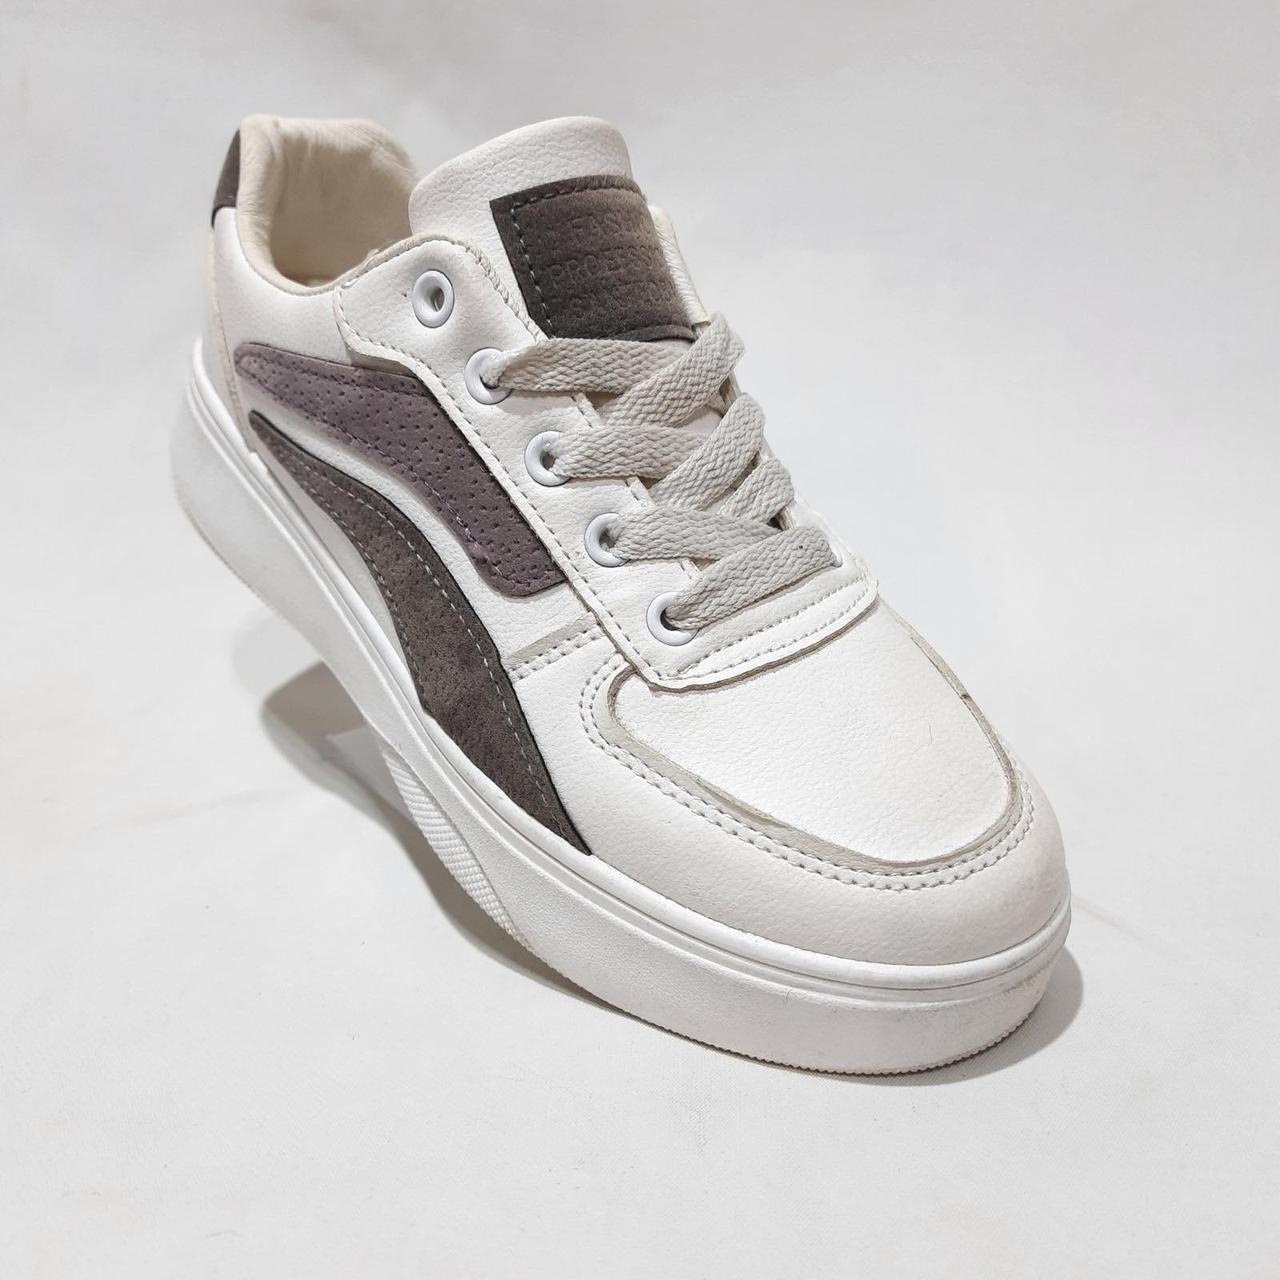 36,38 р. модні Жіночі кросівки з еко-шкіри весняні Білі Мало Маломірки